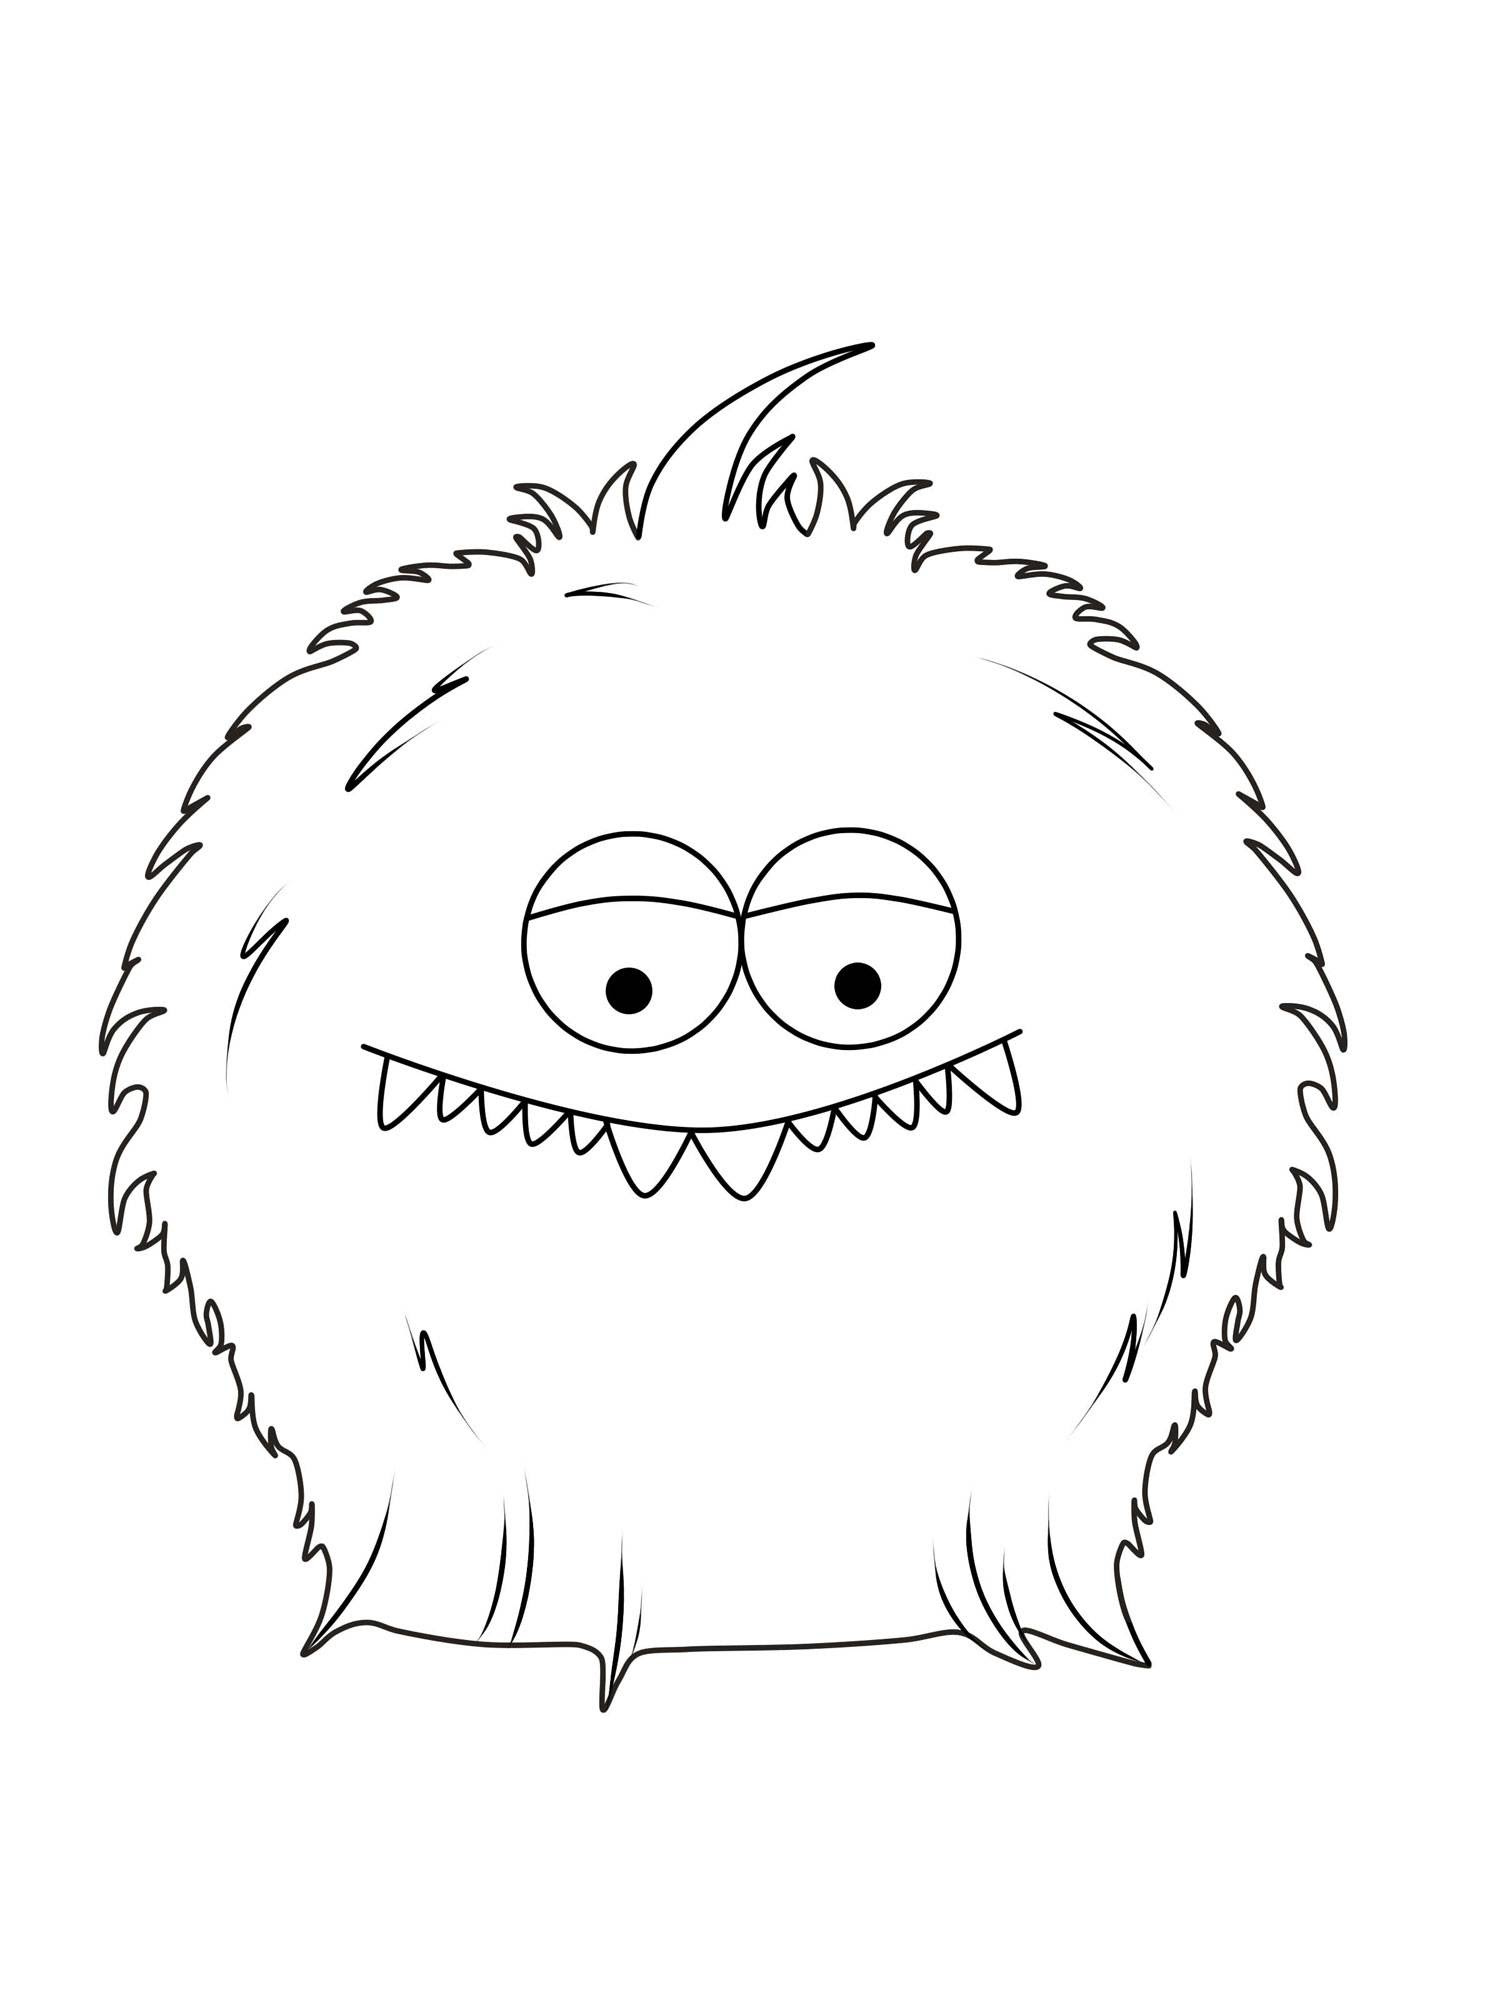 Hervorragend Kostenlose Malvorlage Halloween Pelziges Monster zum Ausmalen LH74